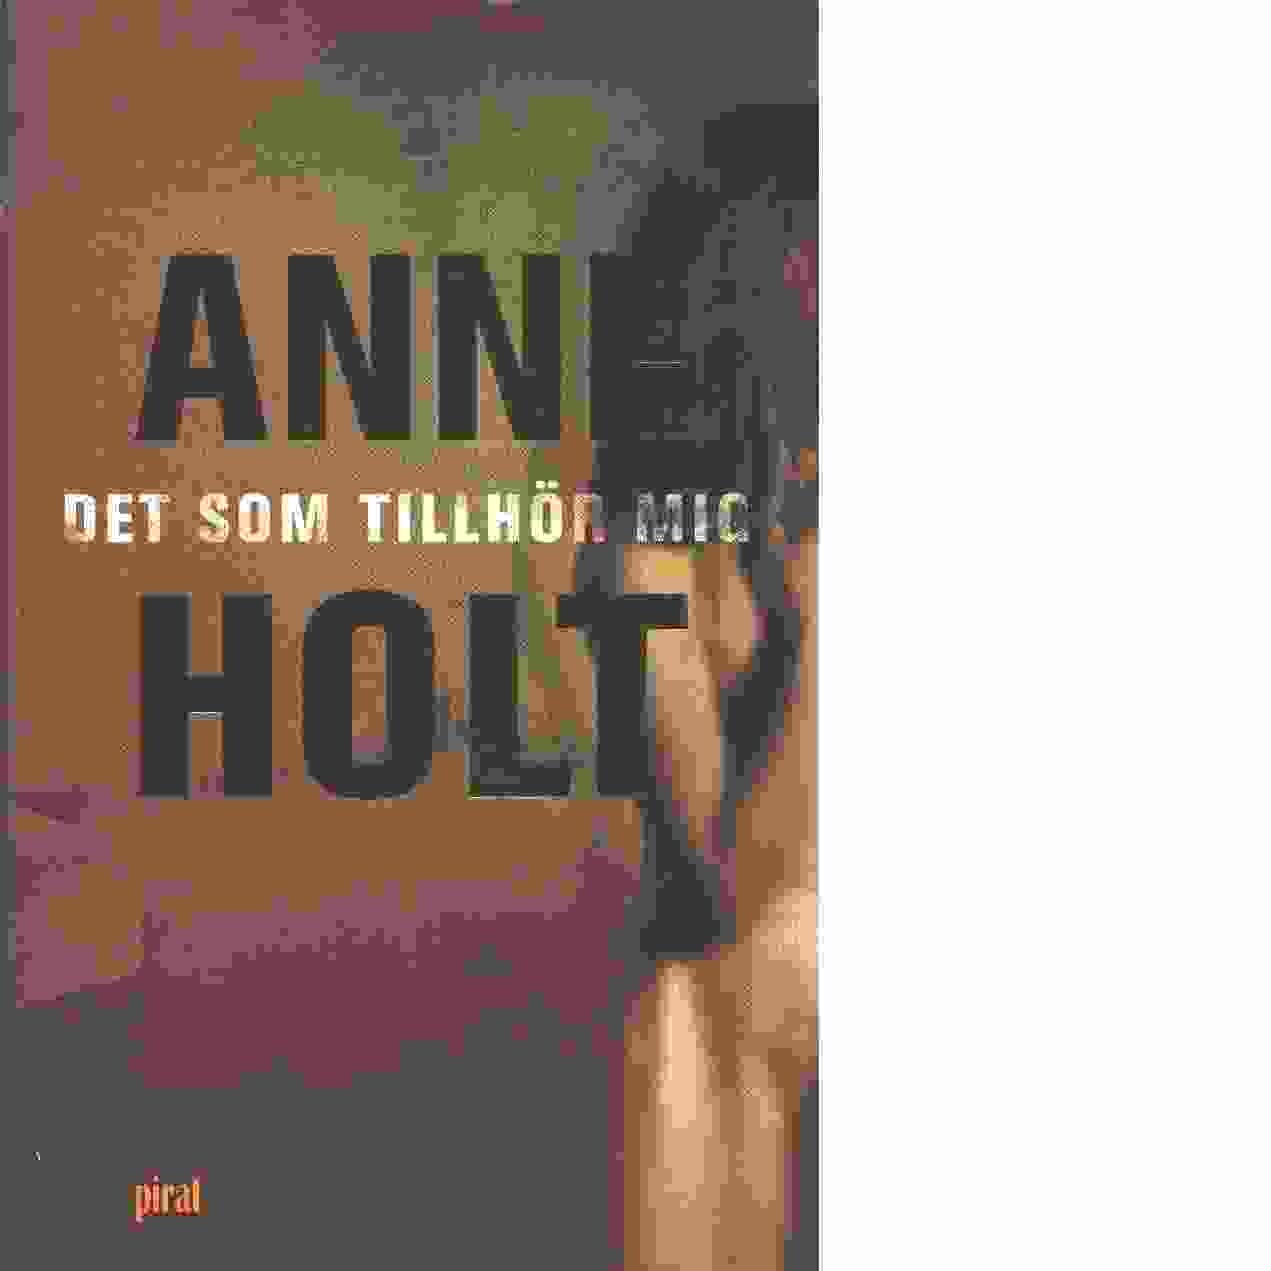 Det som tillhör mig - Holt, Anne